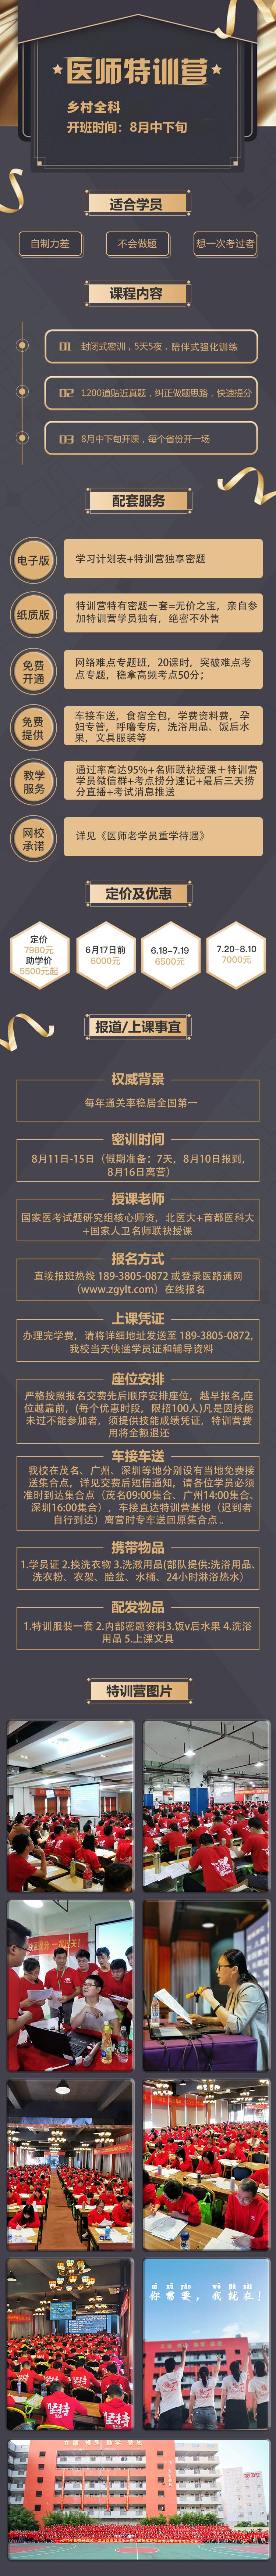 2020年乡村特训营课程详情.png